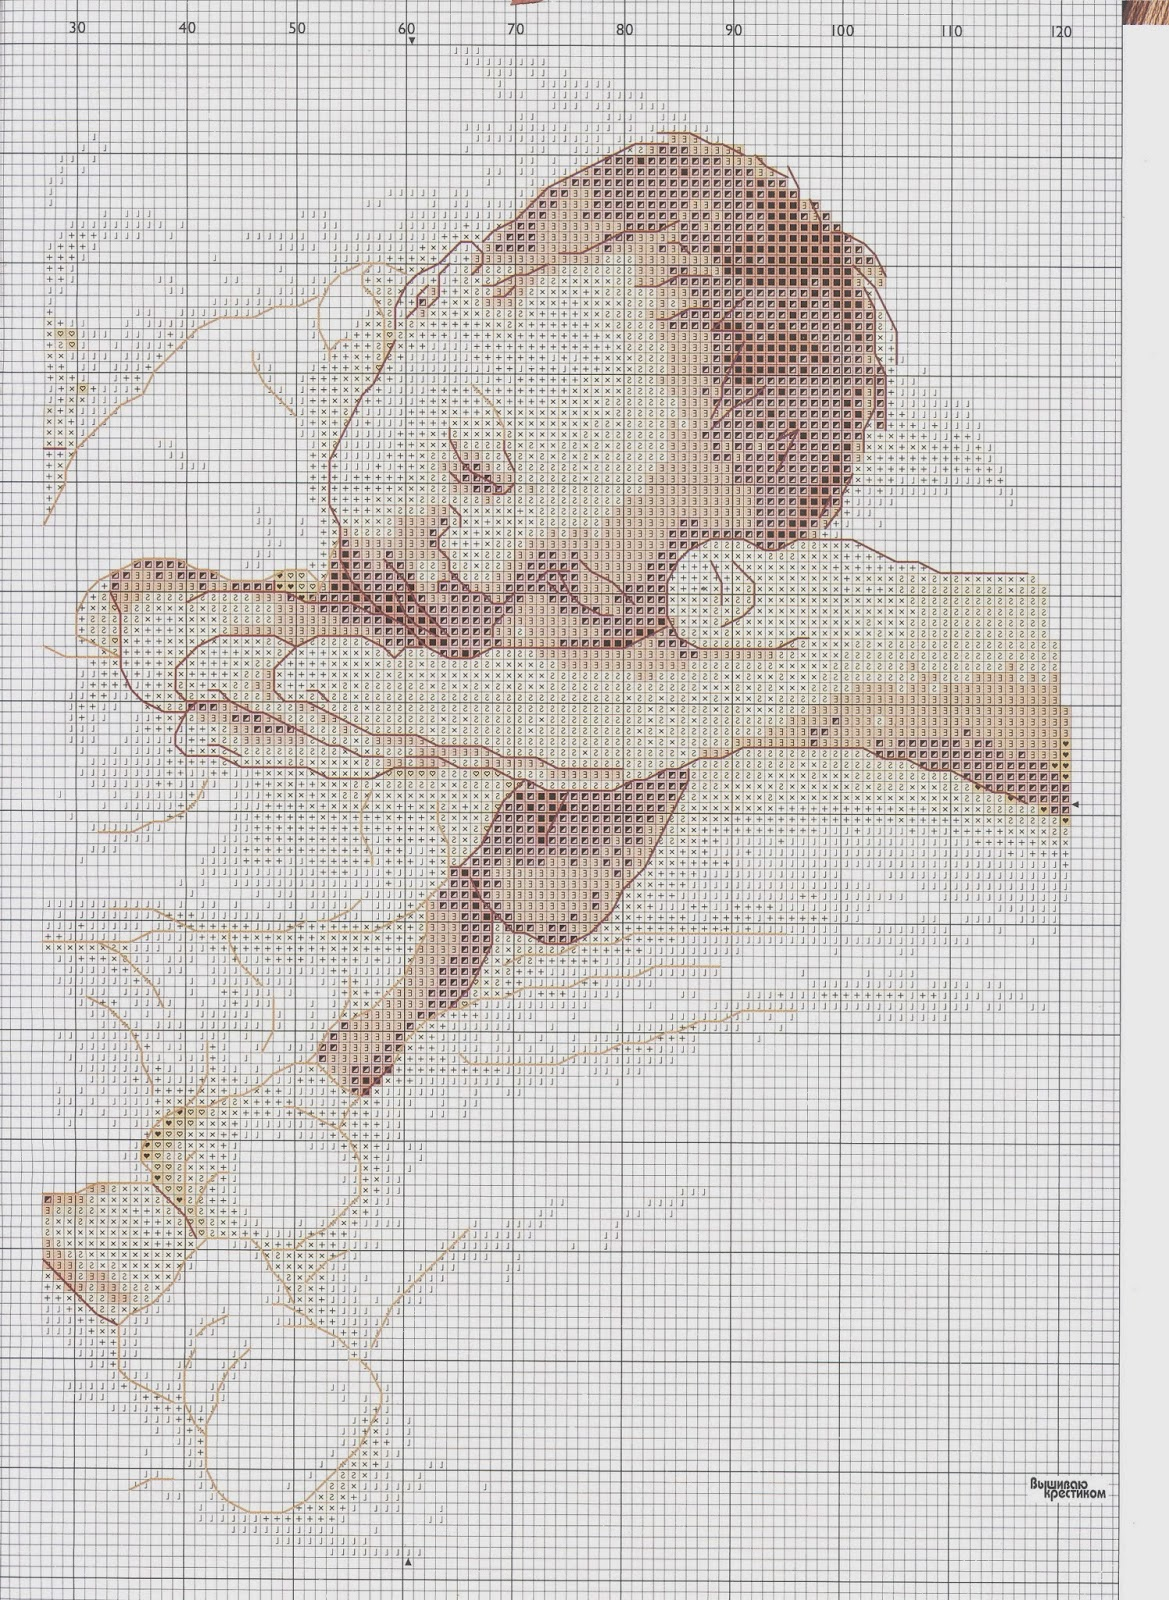 Метрика для новорожденных вышивка крестом схемы: скачать 8